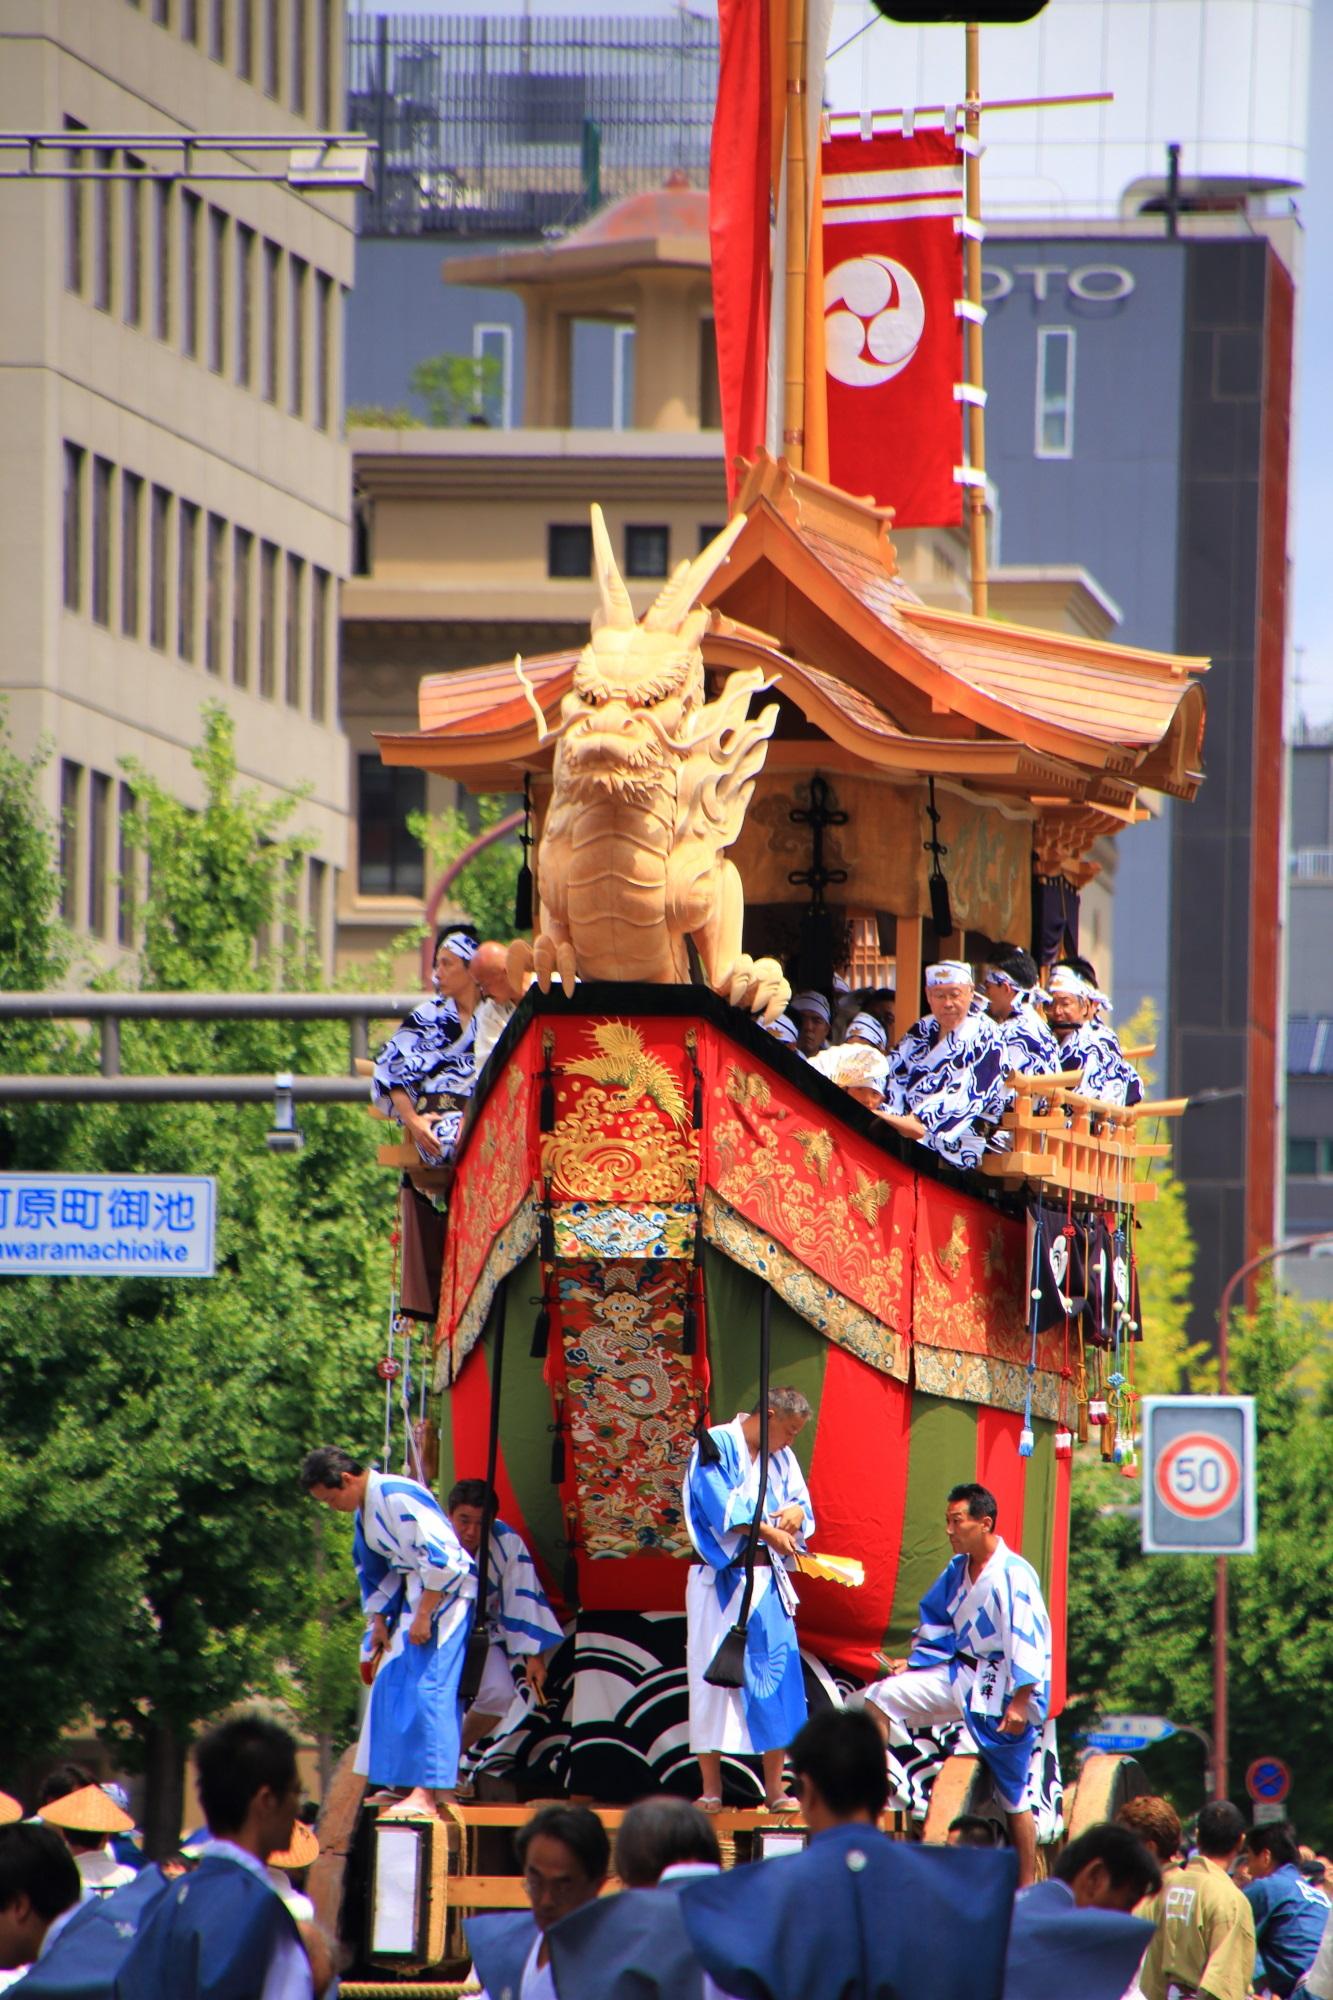 祇園祭後祭の山鉾巡行の龍頭をつけた大船鉾